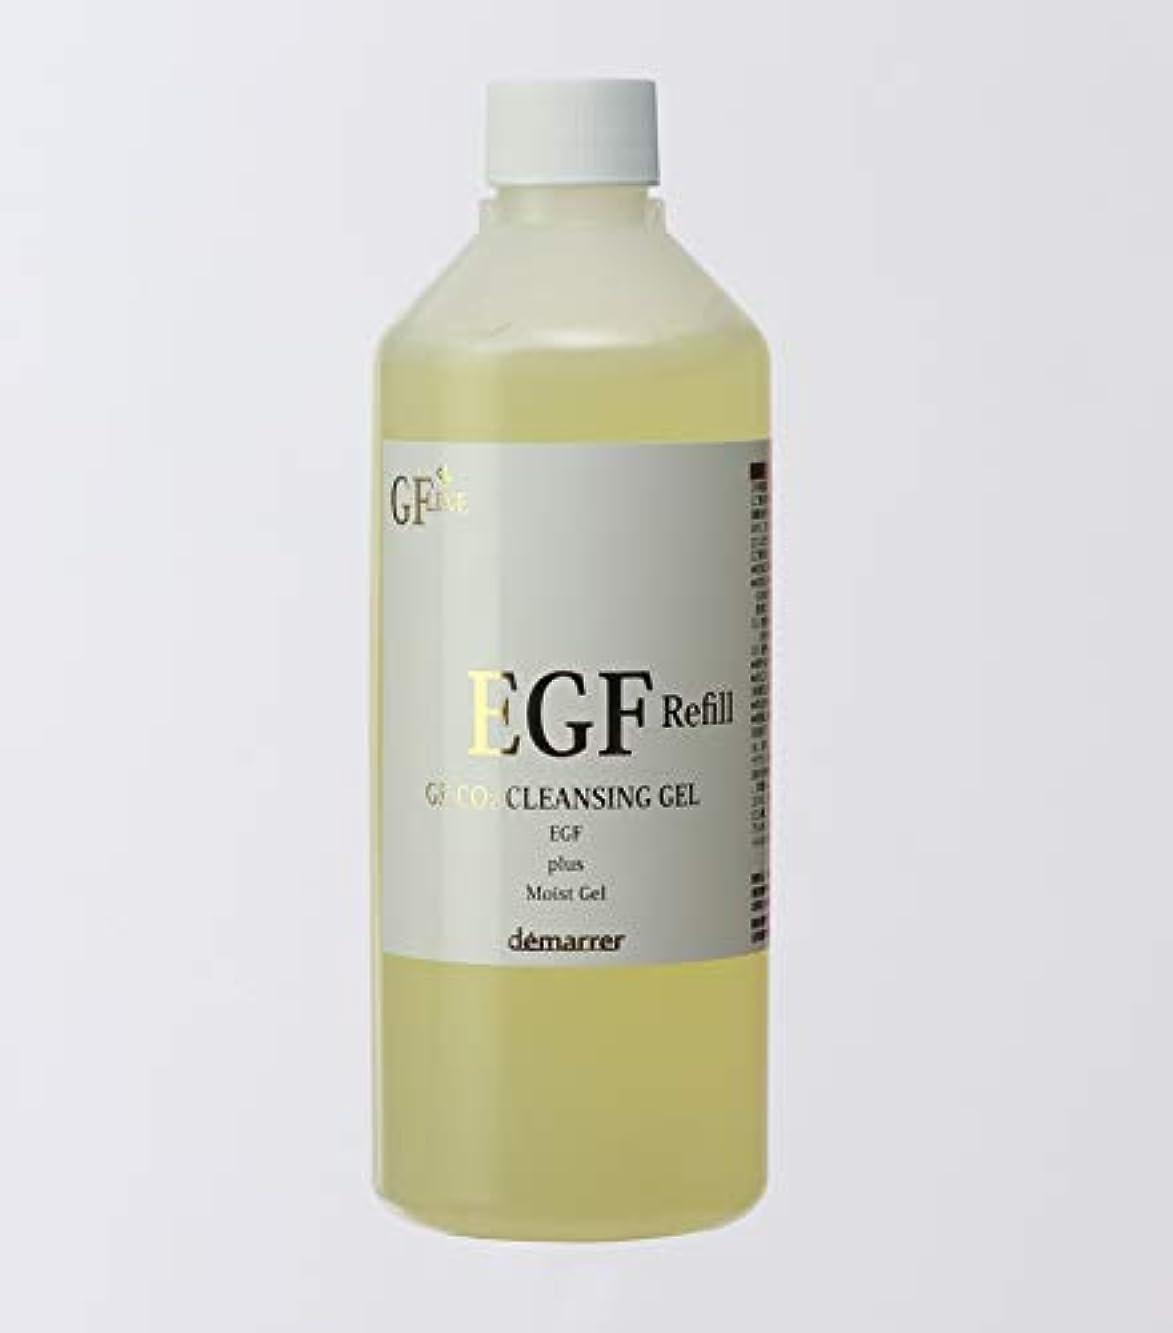 秀でる歪める和らげるデマレ GF 炭酸洗顔クレンジング 400g レフィル